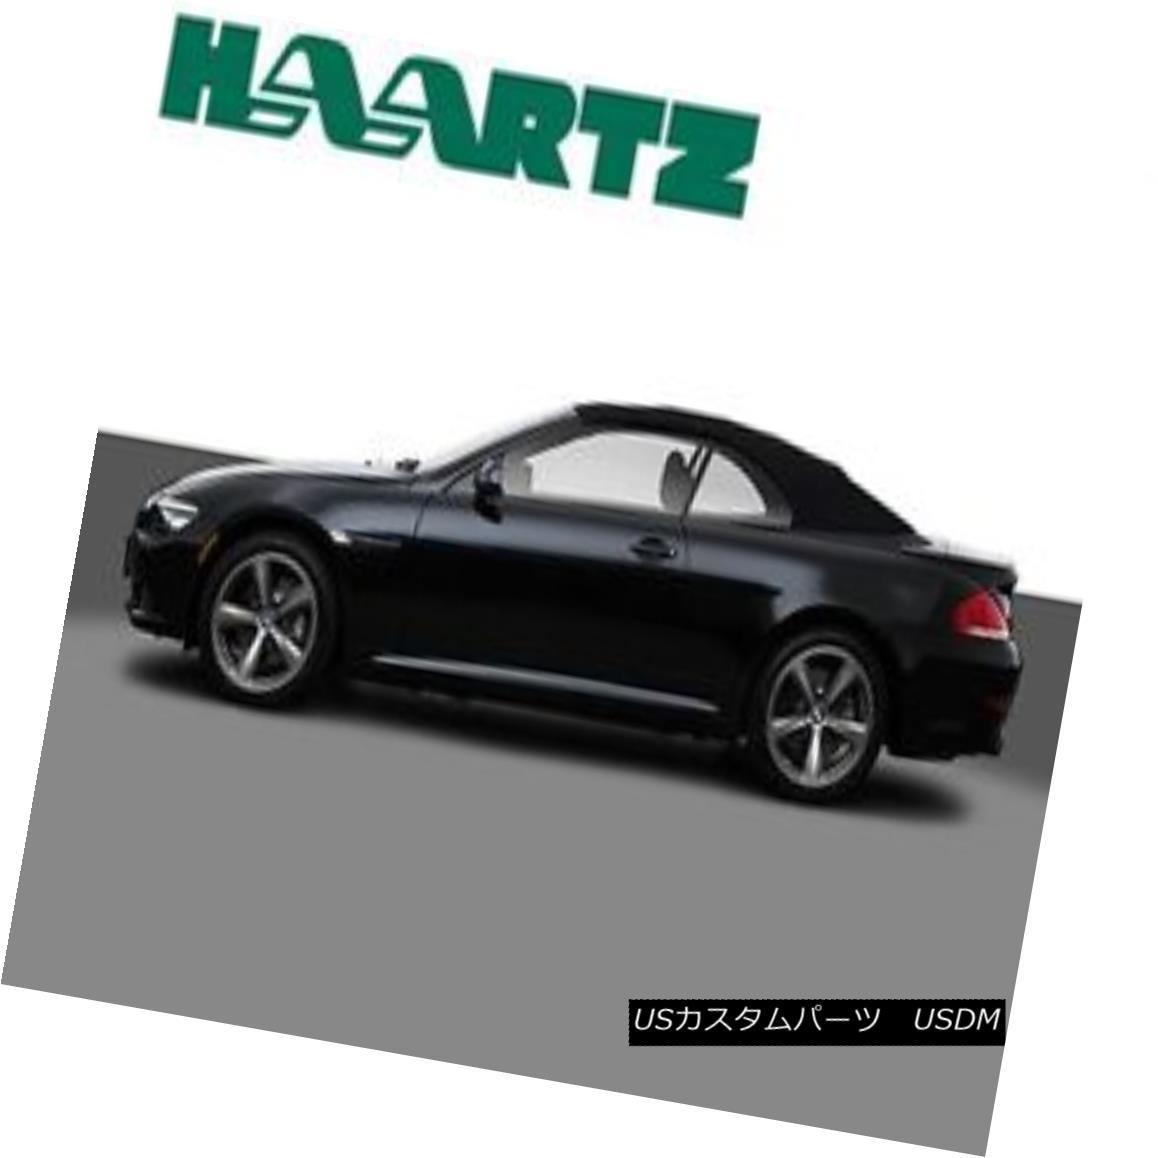 幌・ソフトトップ BMW 6 Series Convertible Soft Top Replacement E64 HAARTZ Cloth Material 04-10 BMW 6シリーズコンバーチブルソフトトップ交換E64 HAARTZクロス素材04-10